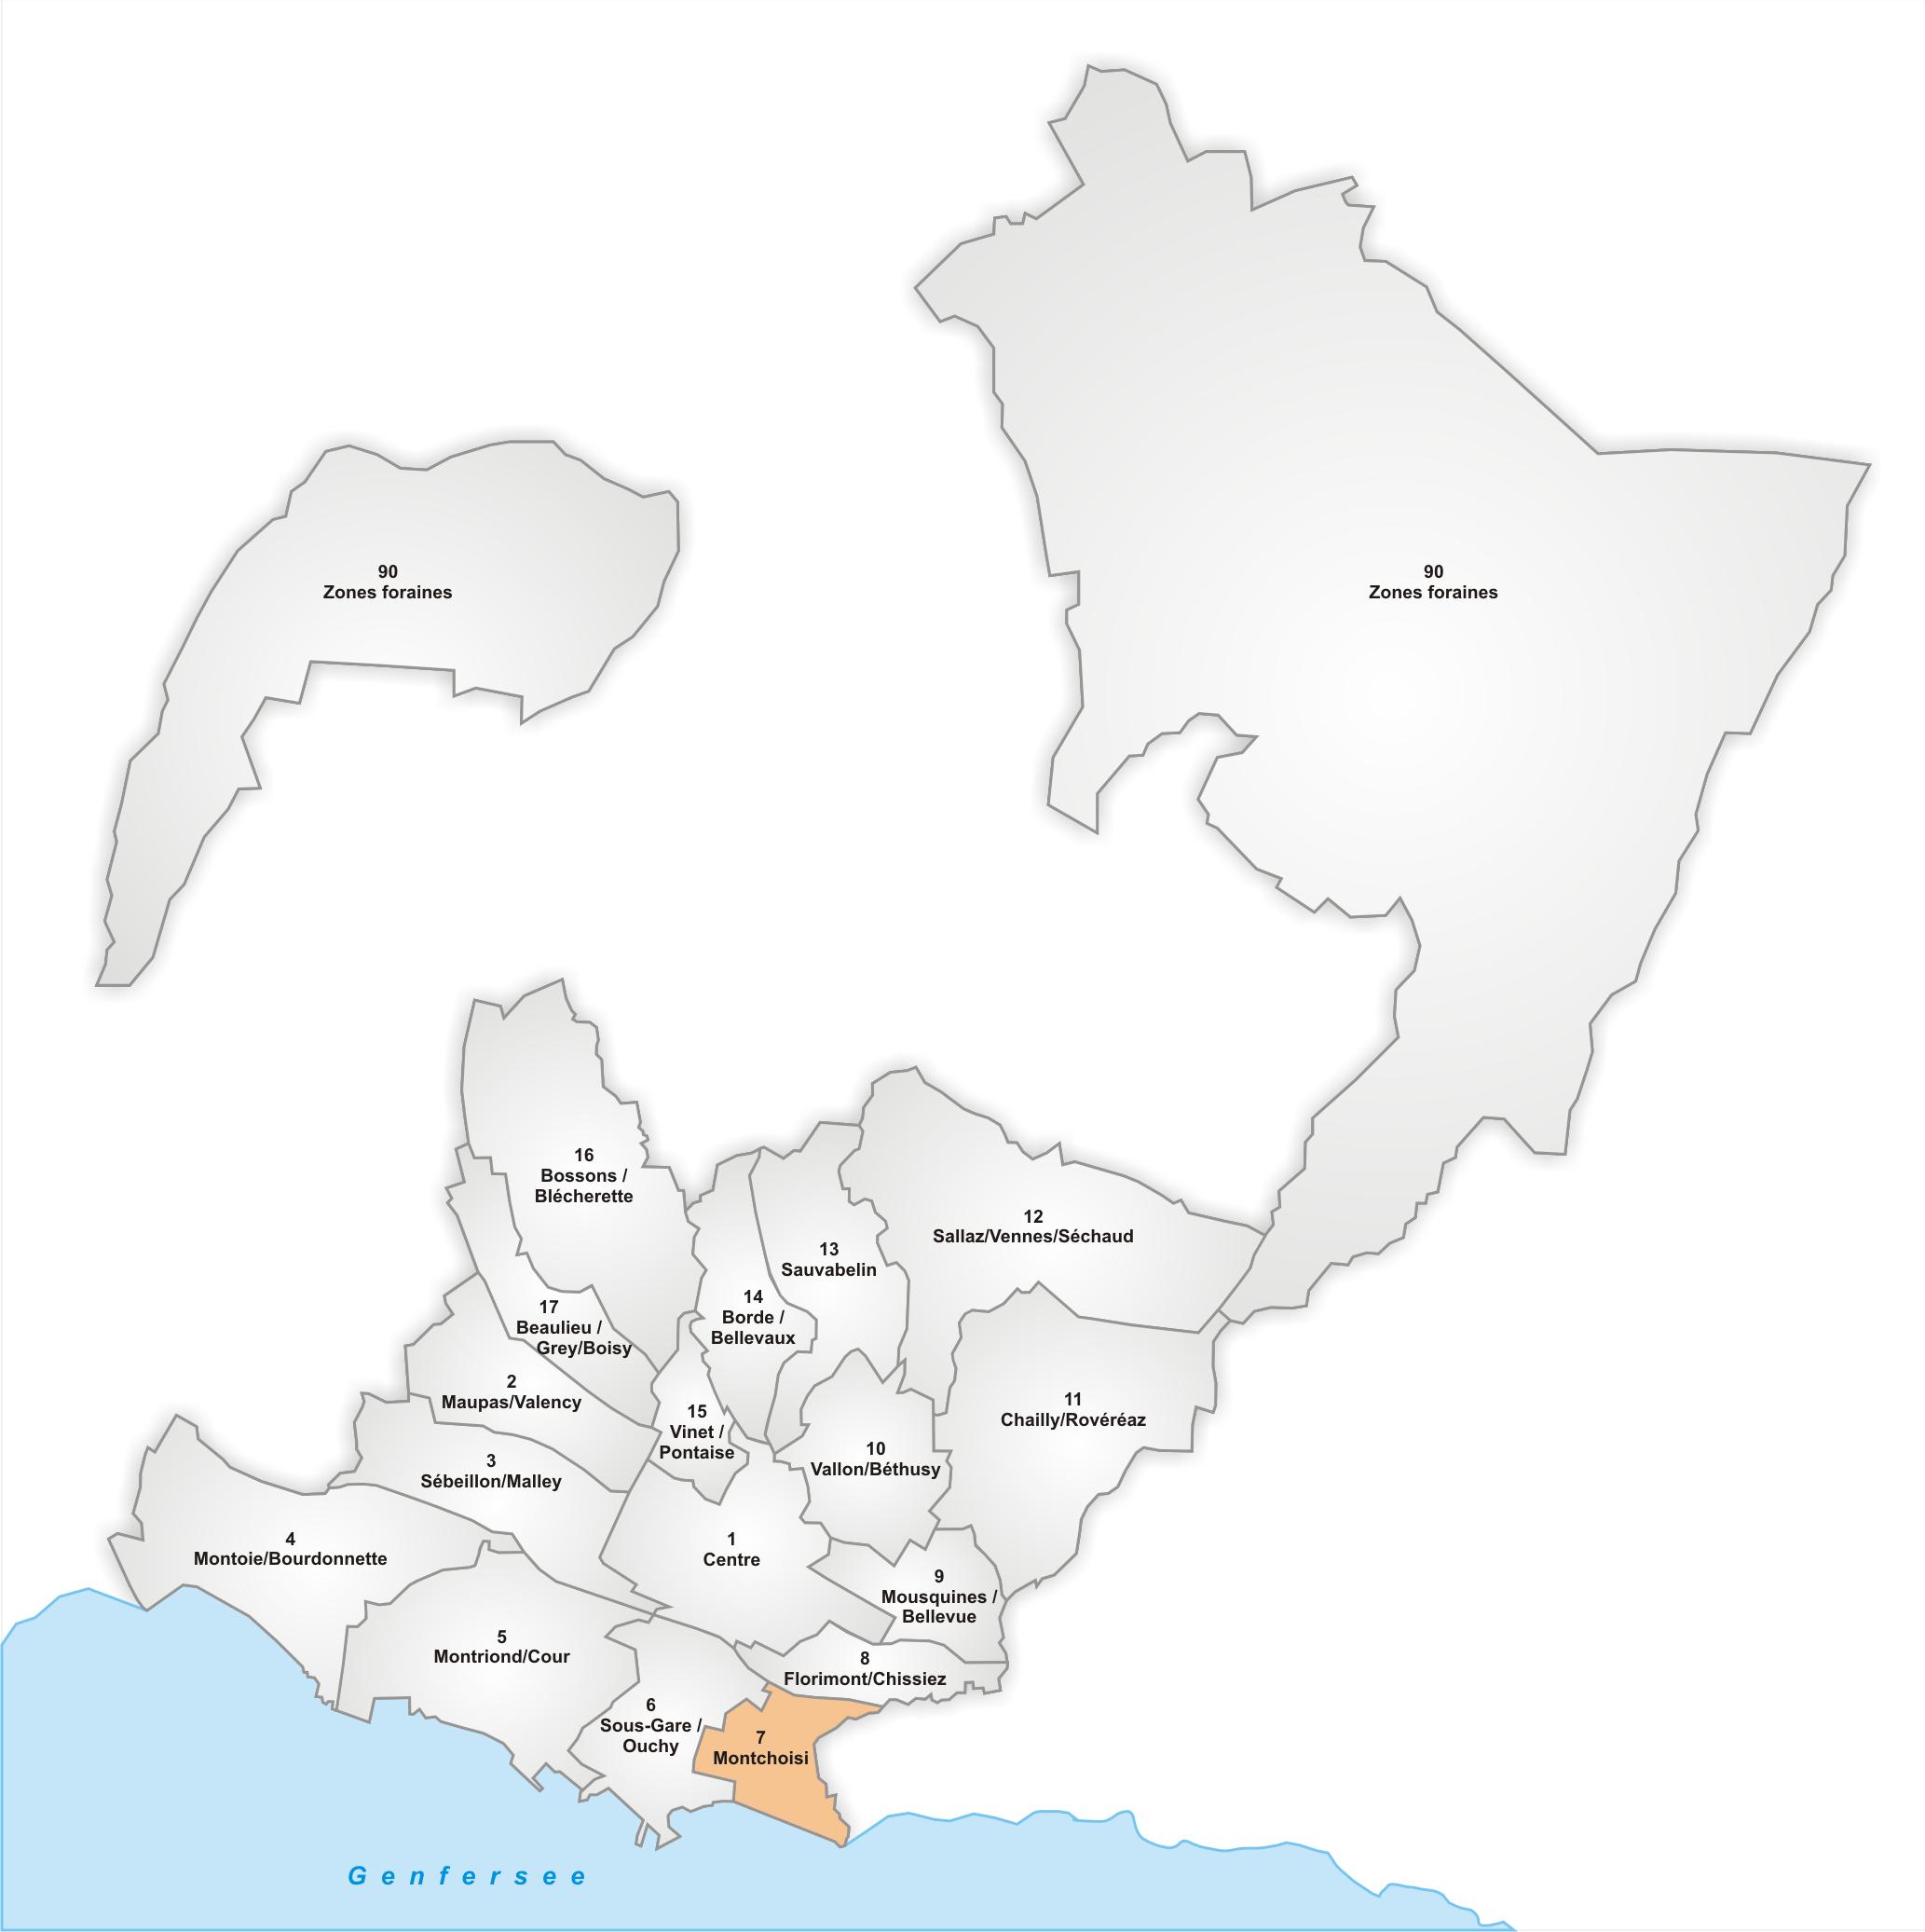 Lage des Stadtteils Montchoisi